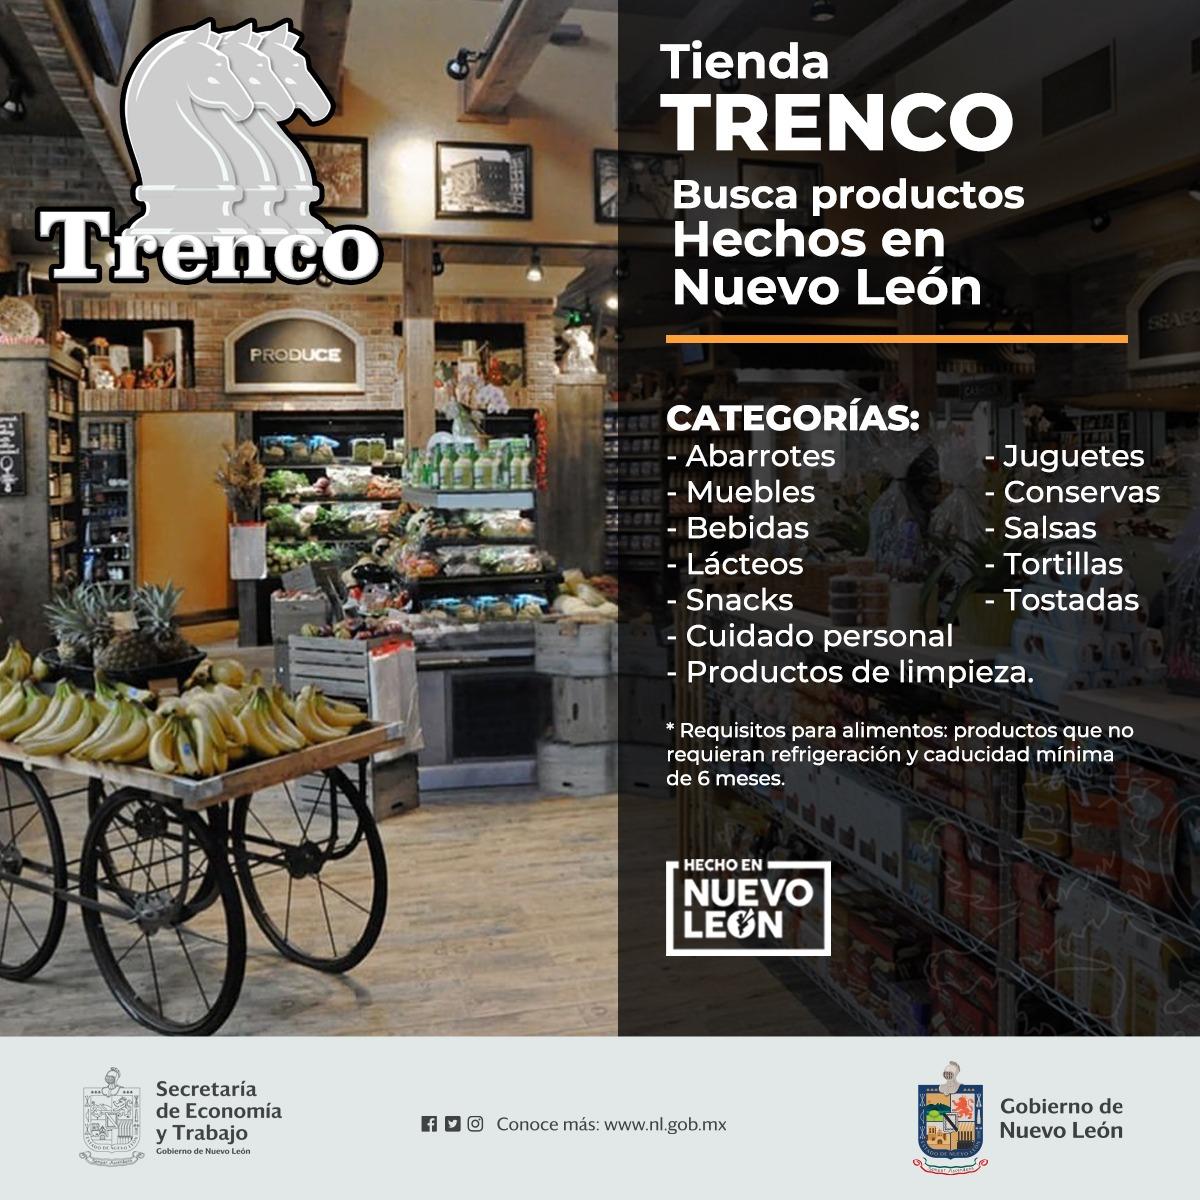 Tienda TRENCO Hechos en NL